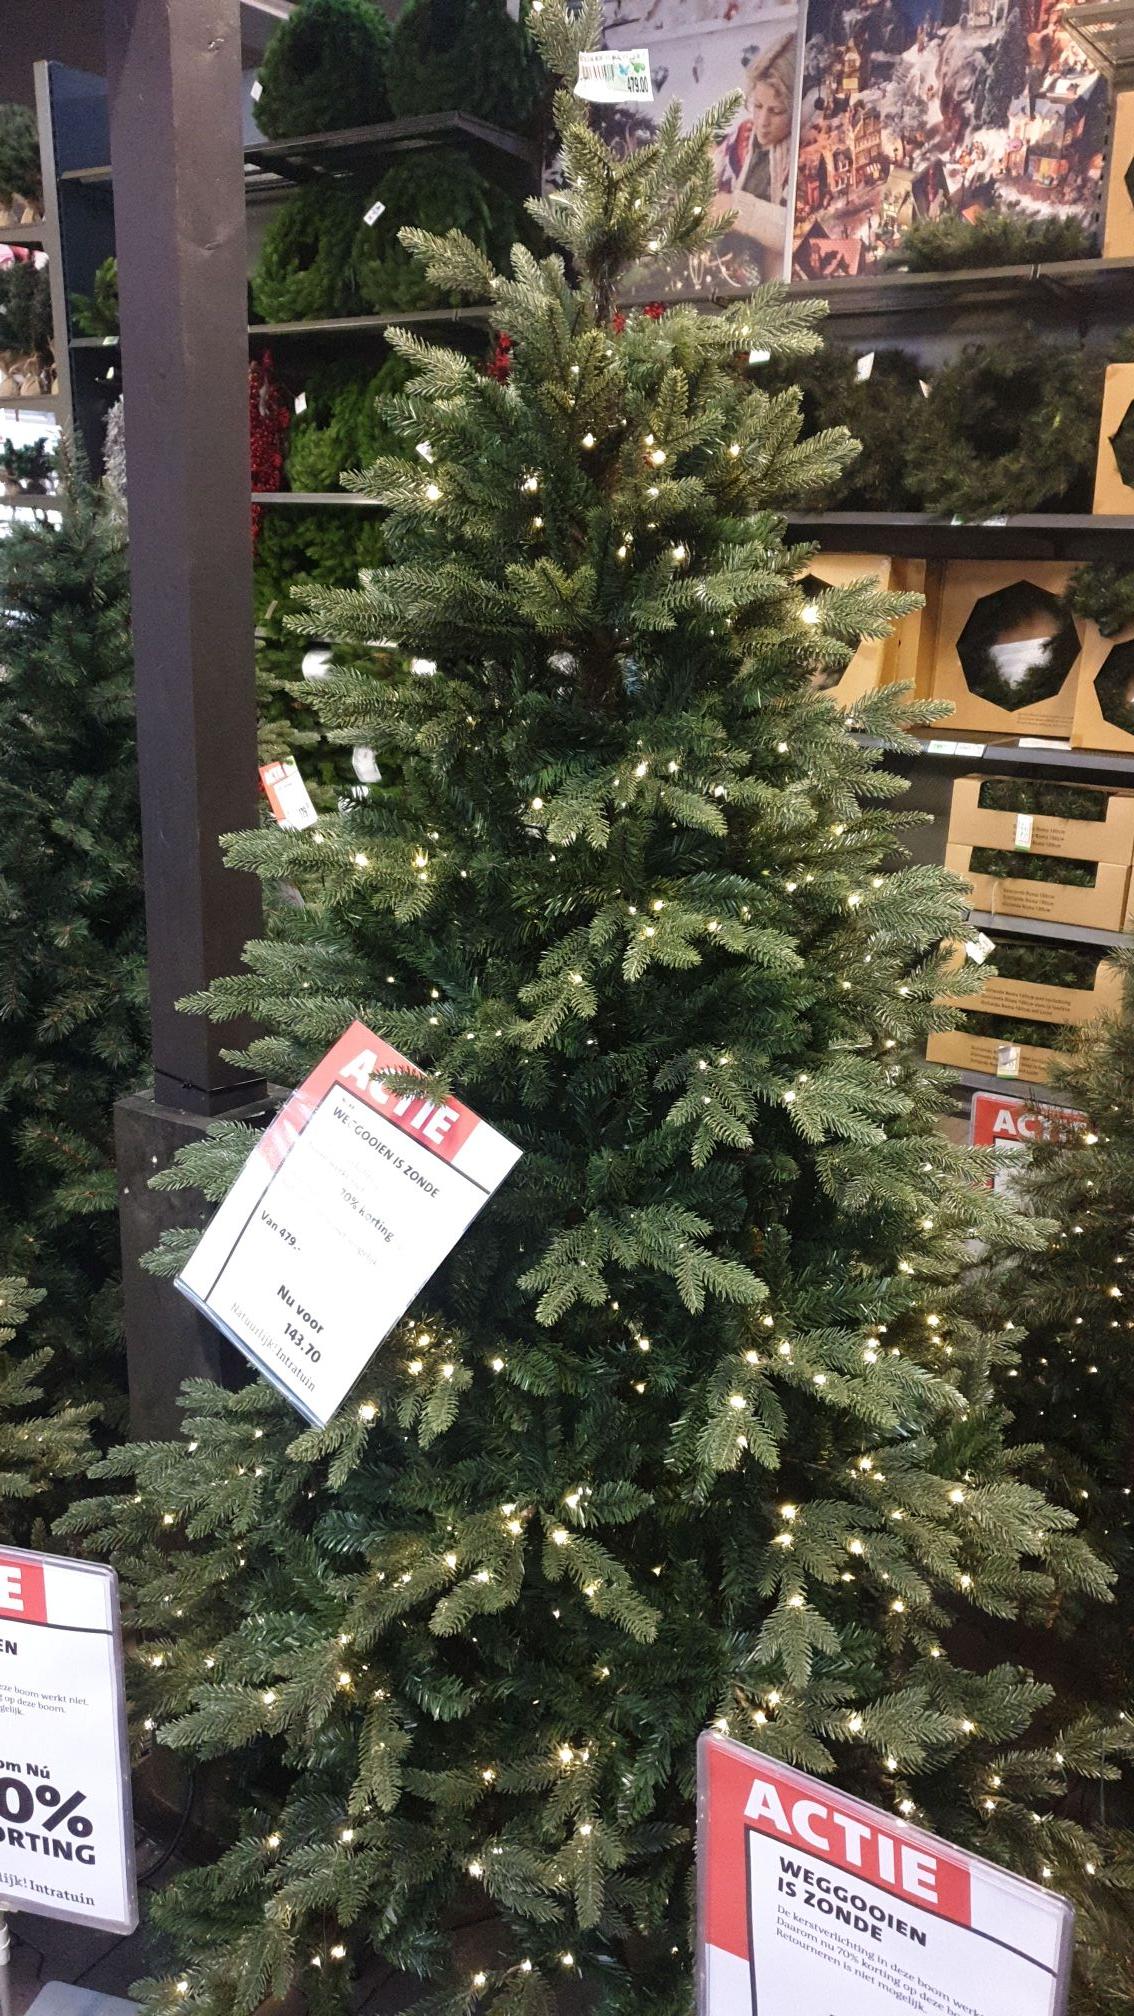 Kunst kerstbomen met korting.